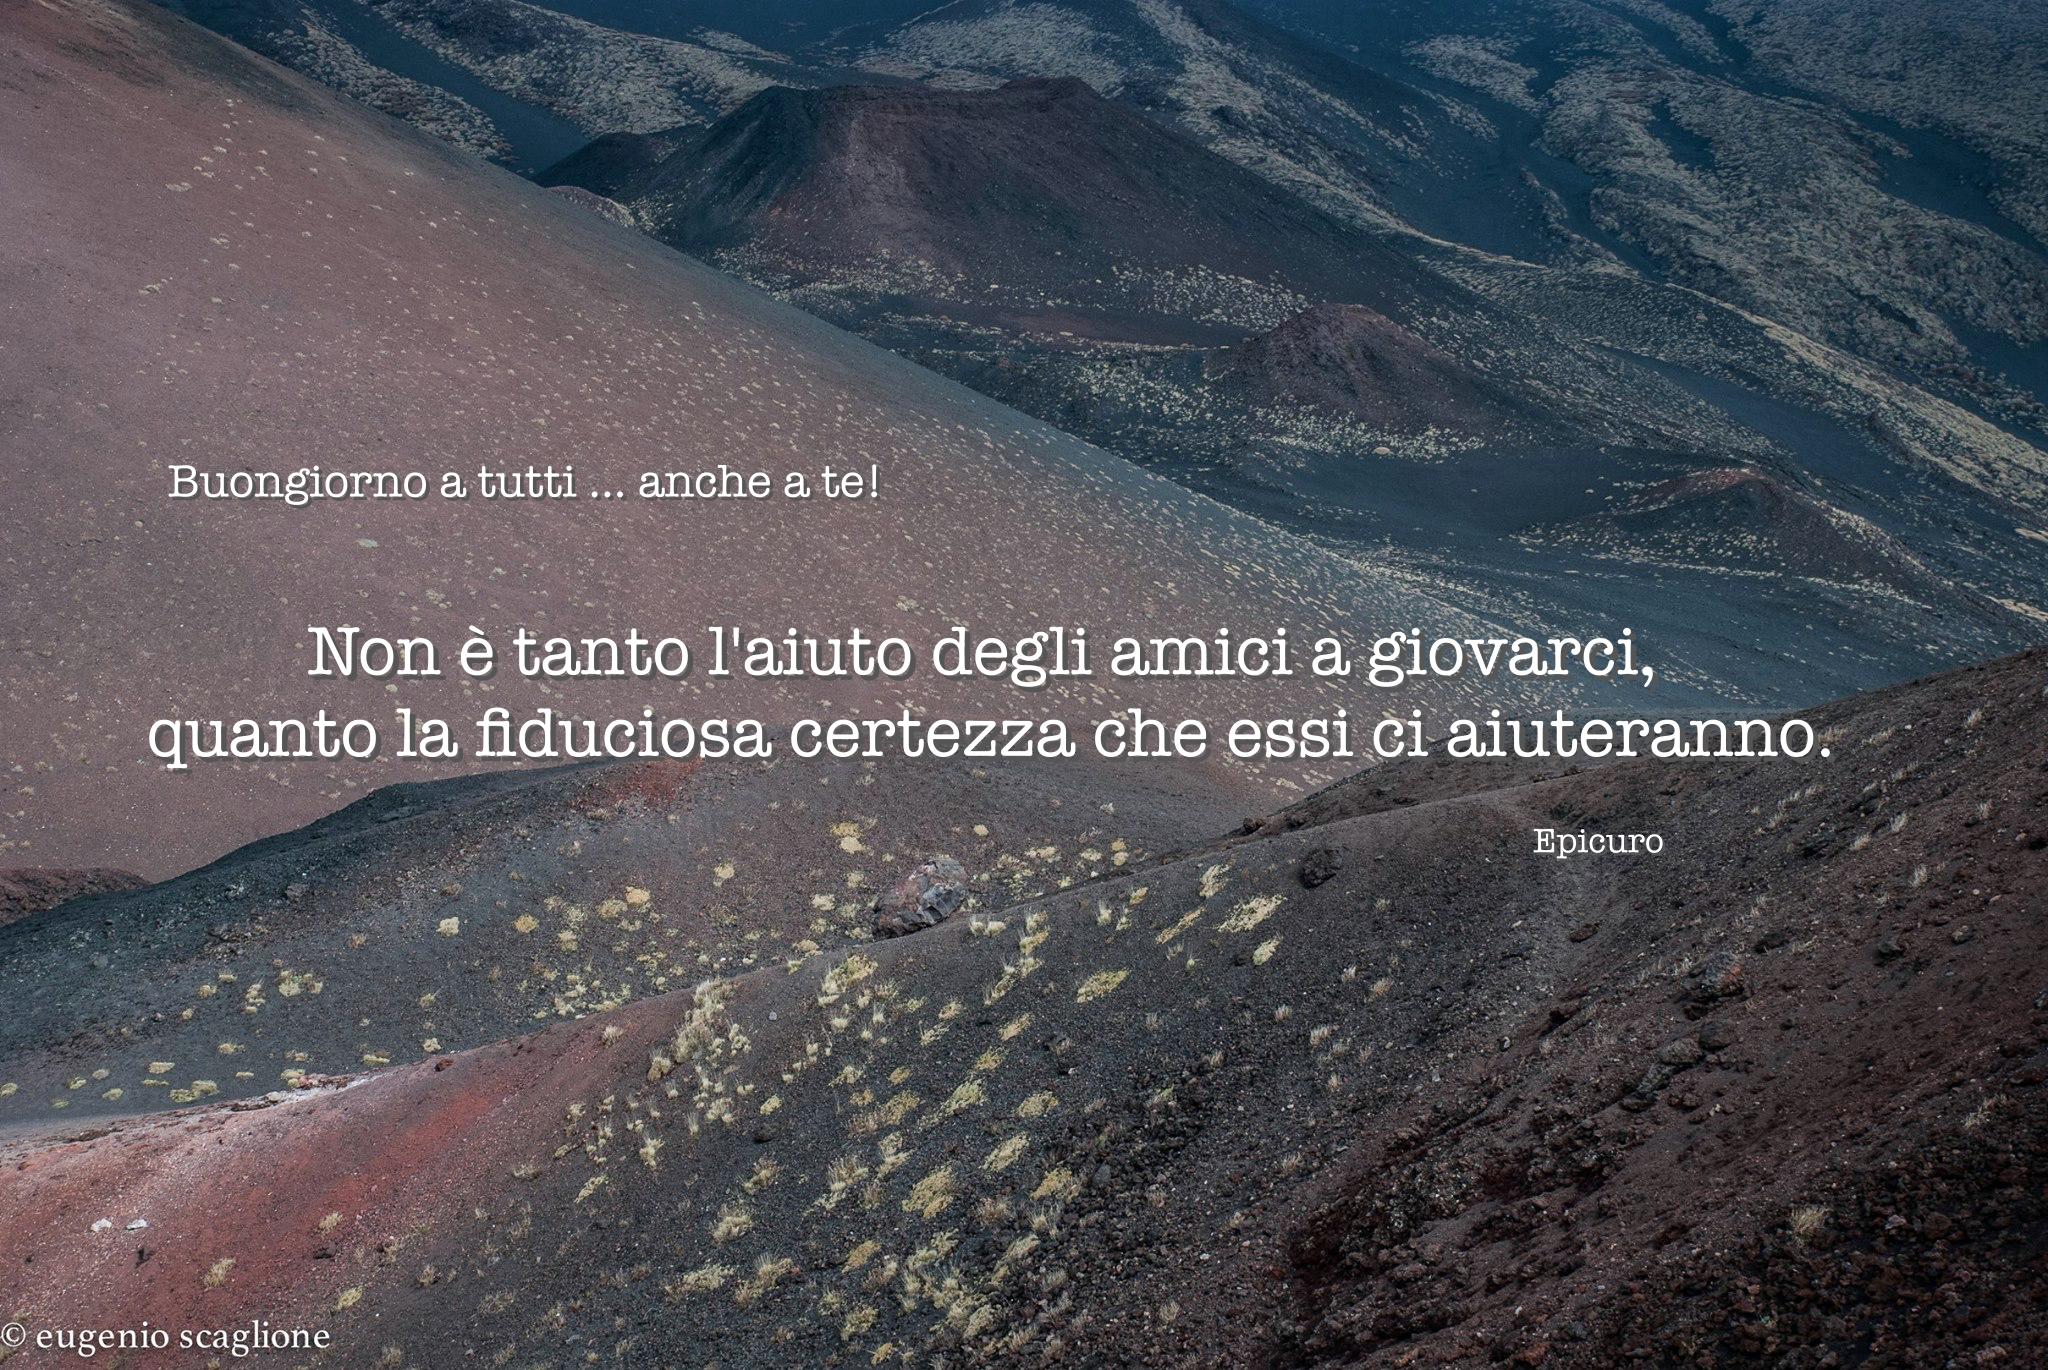 Scaglione etna_ buongiorno 2015 12 29